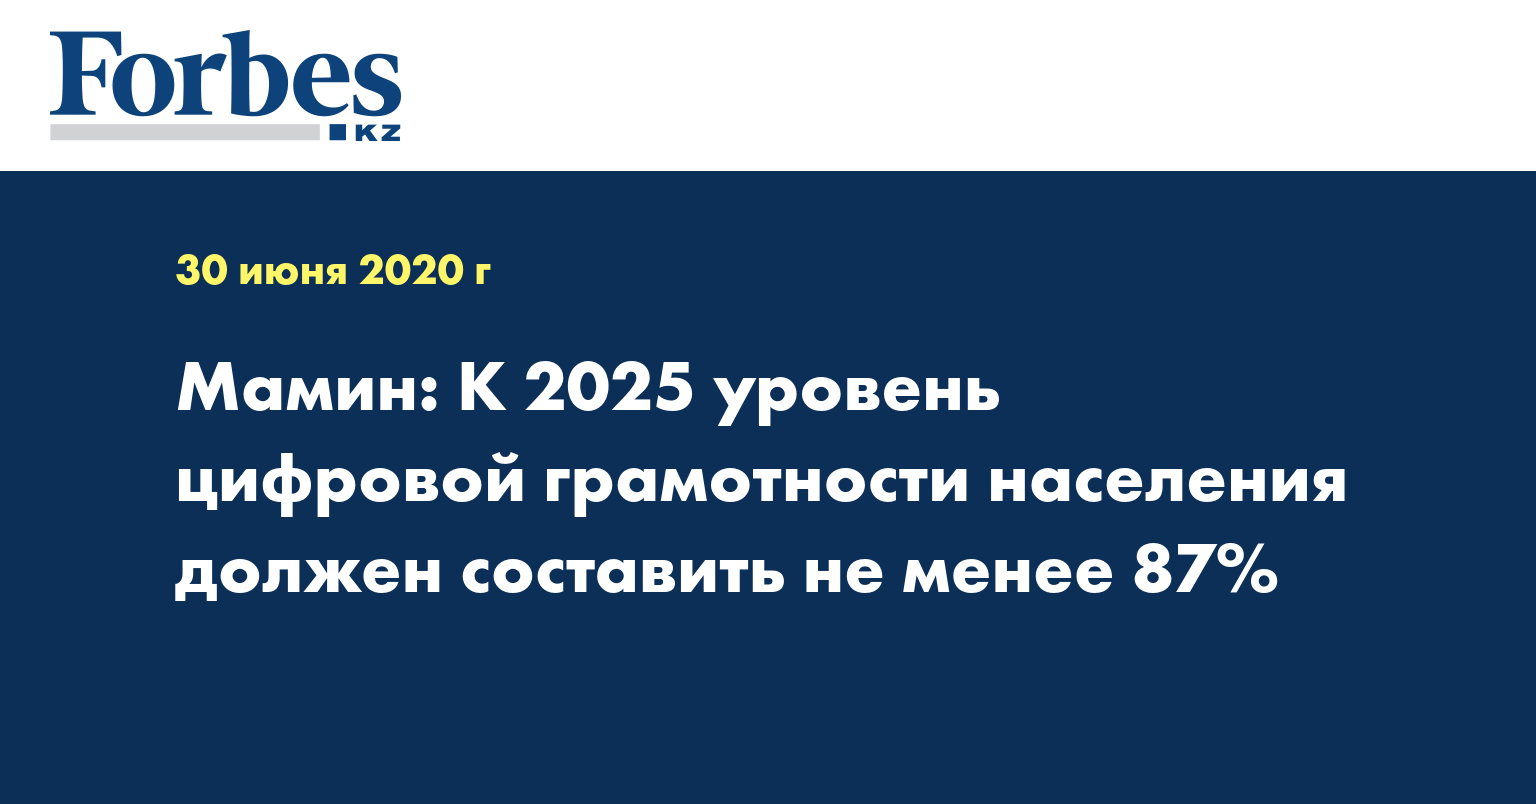 Мамин: К 2025 уровень цифровой грамотности населения должен составить не менее 87%